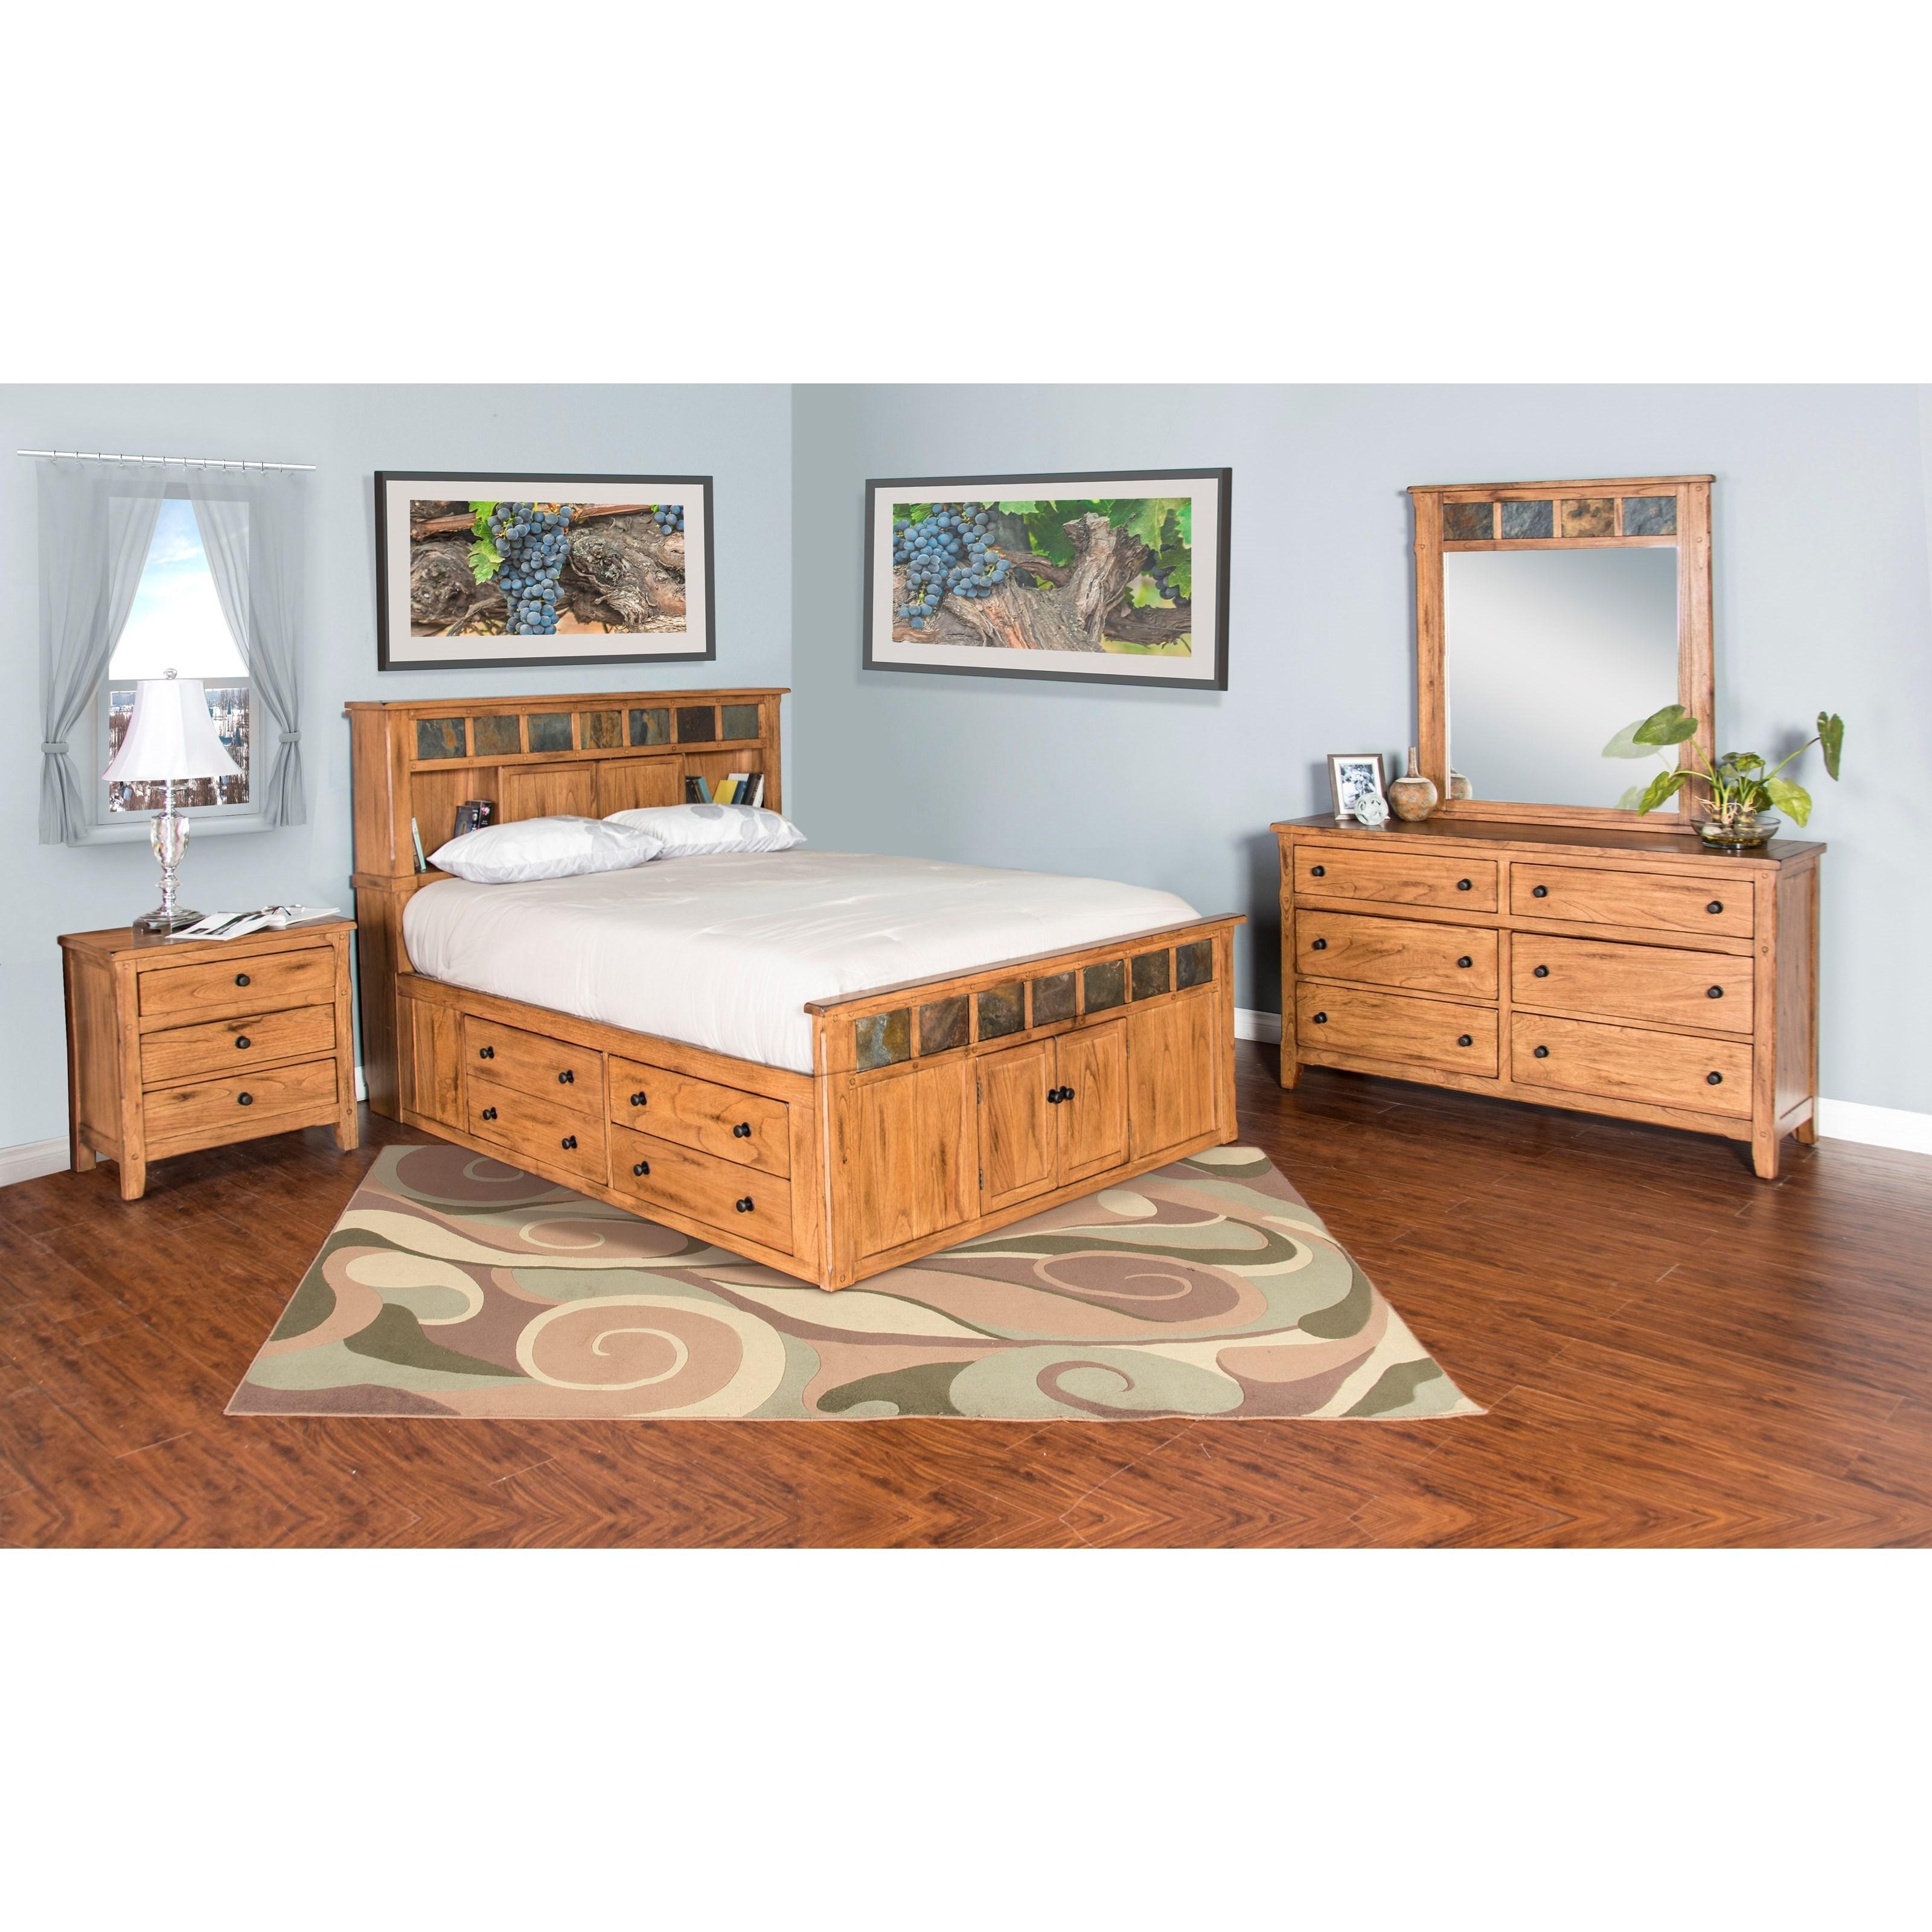 Sunny designs sedona queen bedroom group john v schultz for Bedroom ideas queen bed